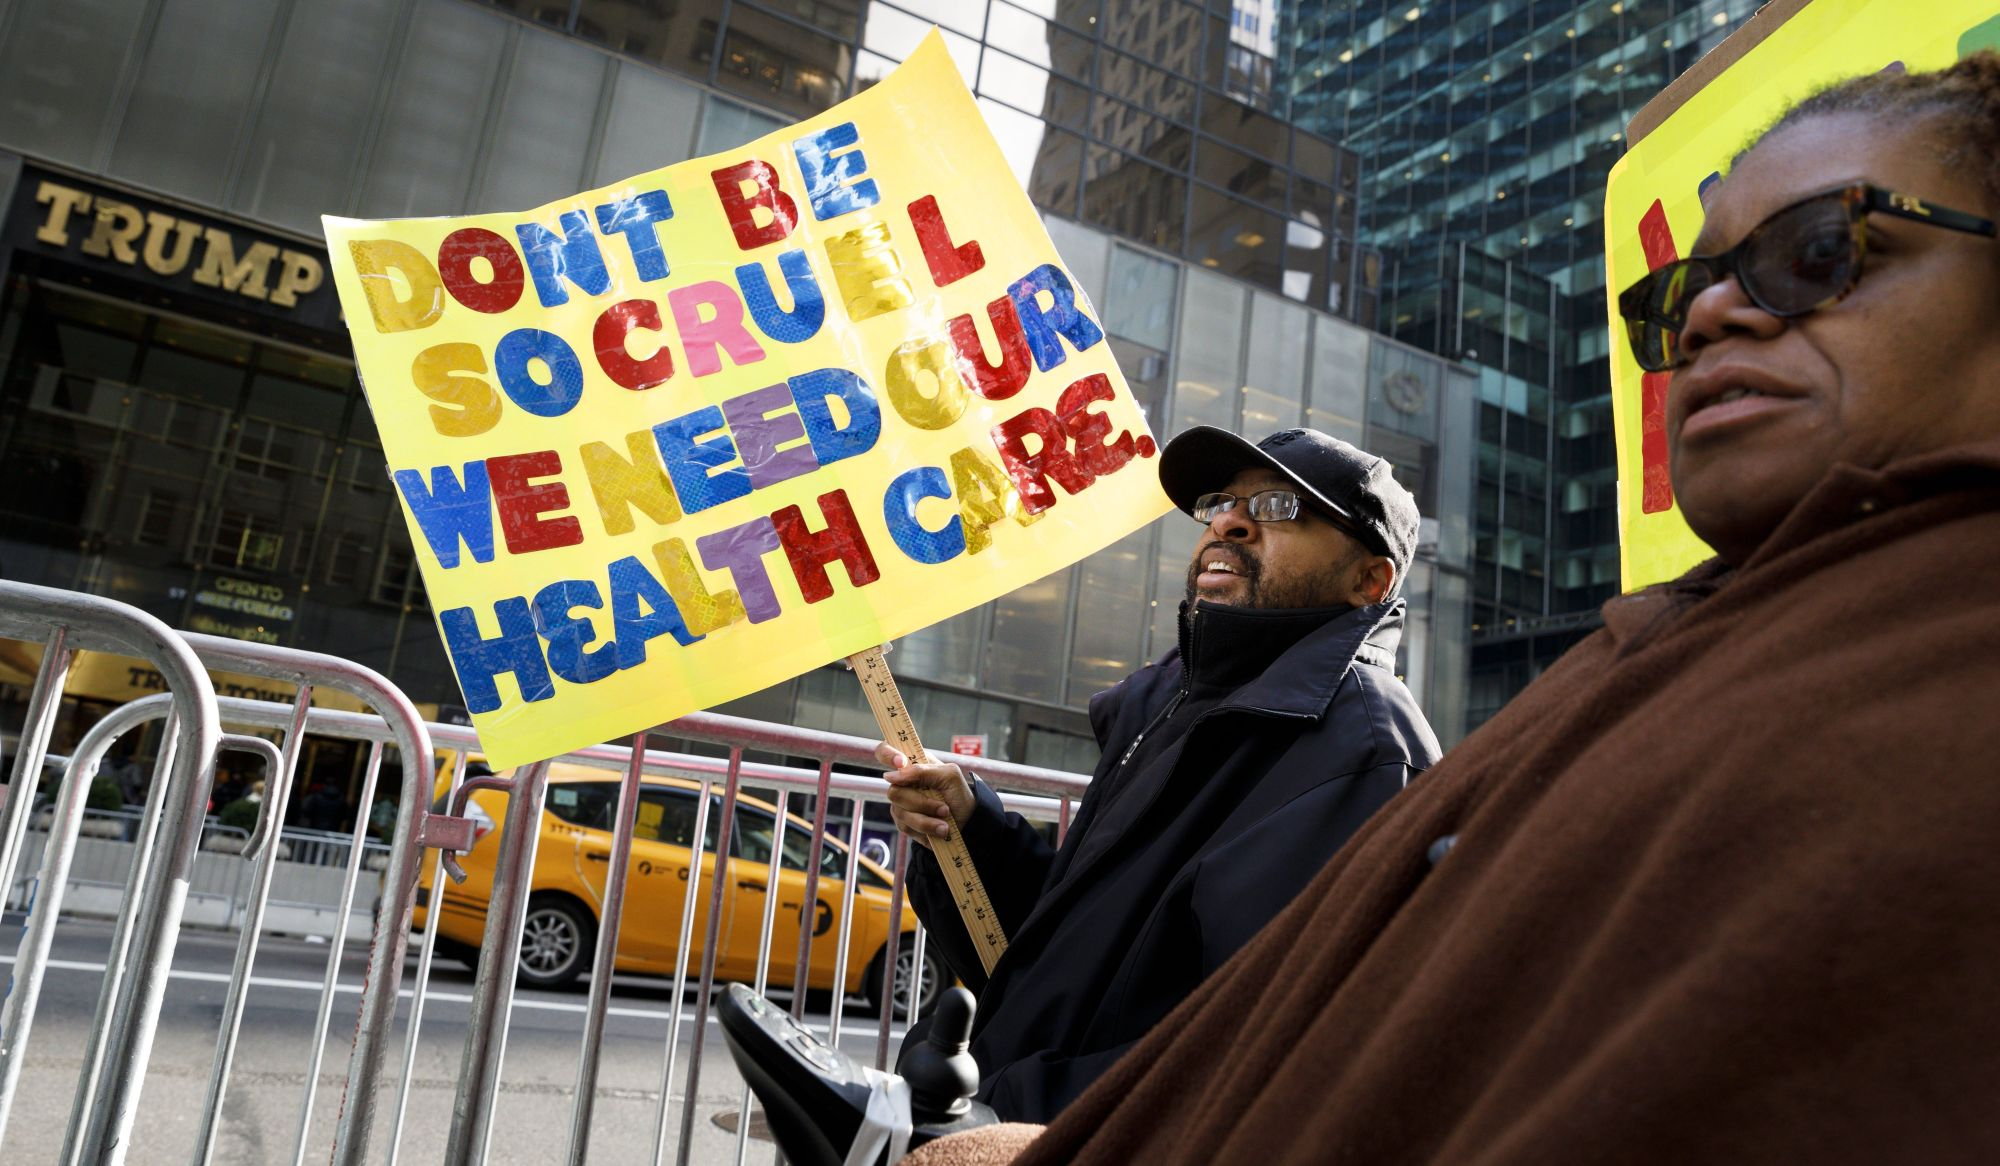 Tüntetés az egészségügyi rendszer módosítása ellen a Trump Tower előtt New York-ban, 2017. november 15-én. A Kongresszus elé tárt javaslat szerint 880 milliárd dollárral, azaz mintegy 25%-kal csökkkentenék a Medicaid program finanszírozását.  EPA/JUSTIN LANE